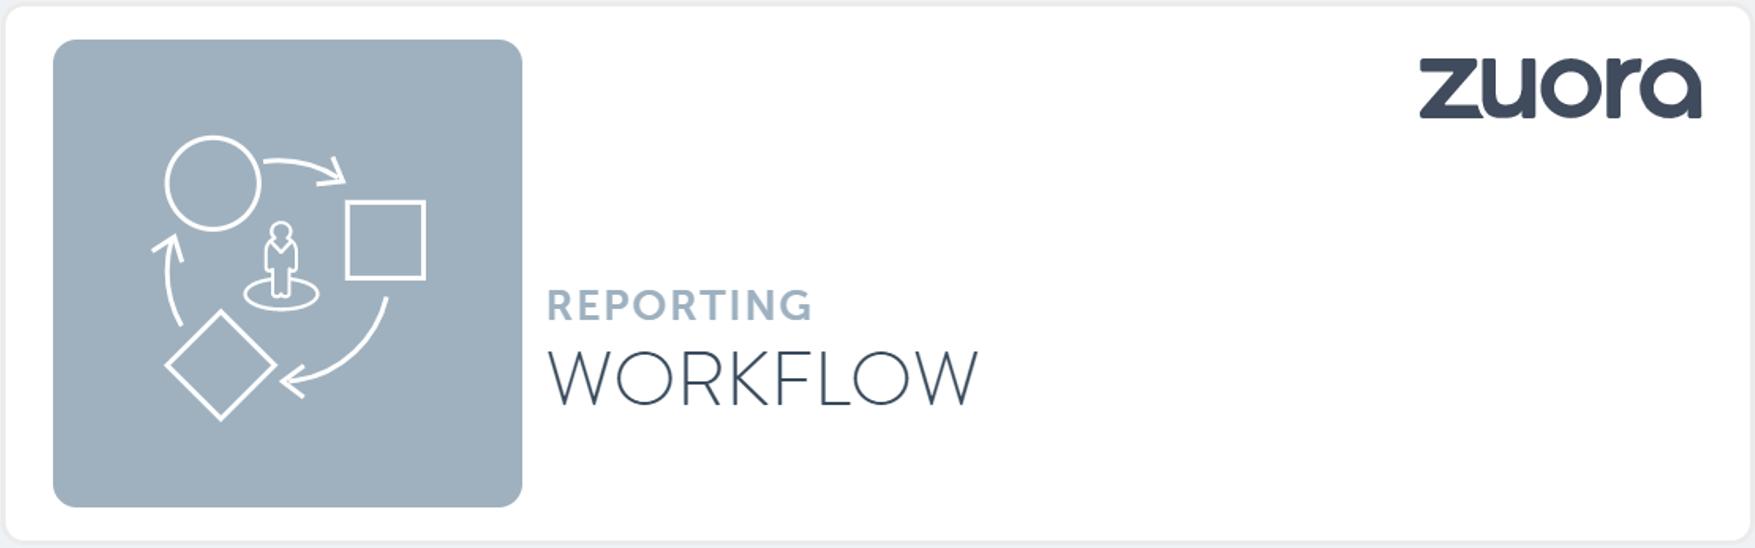 Zuora Workflow